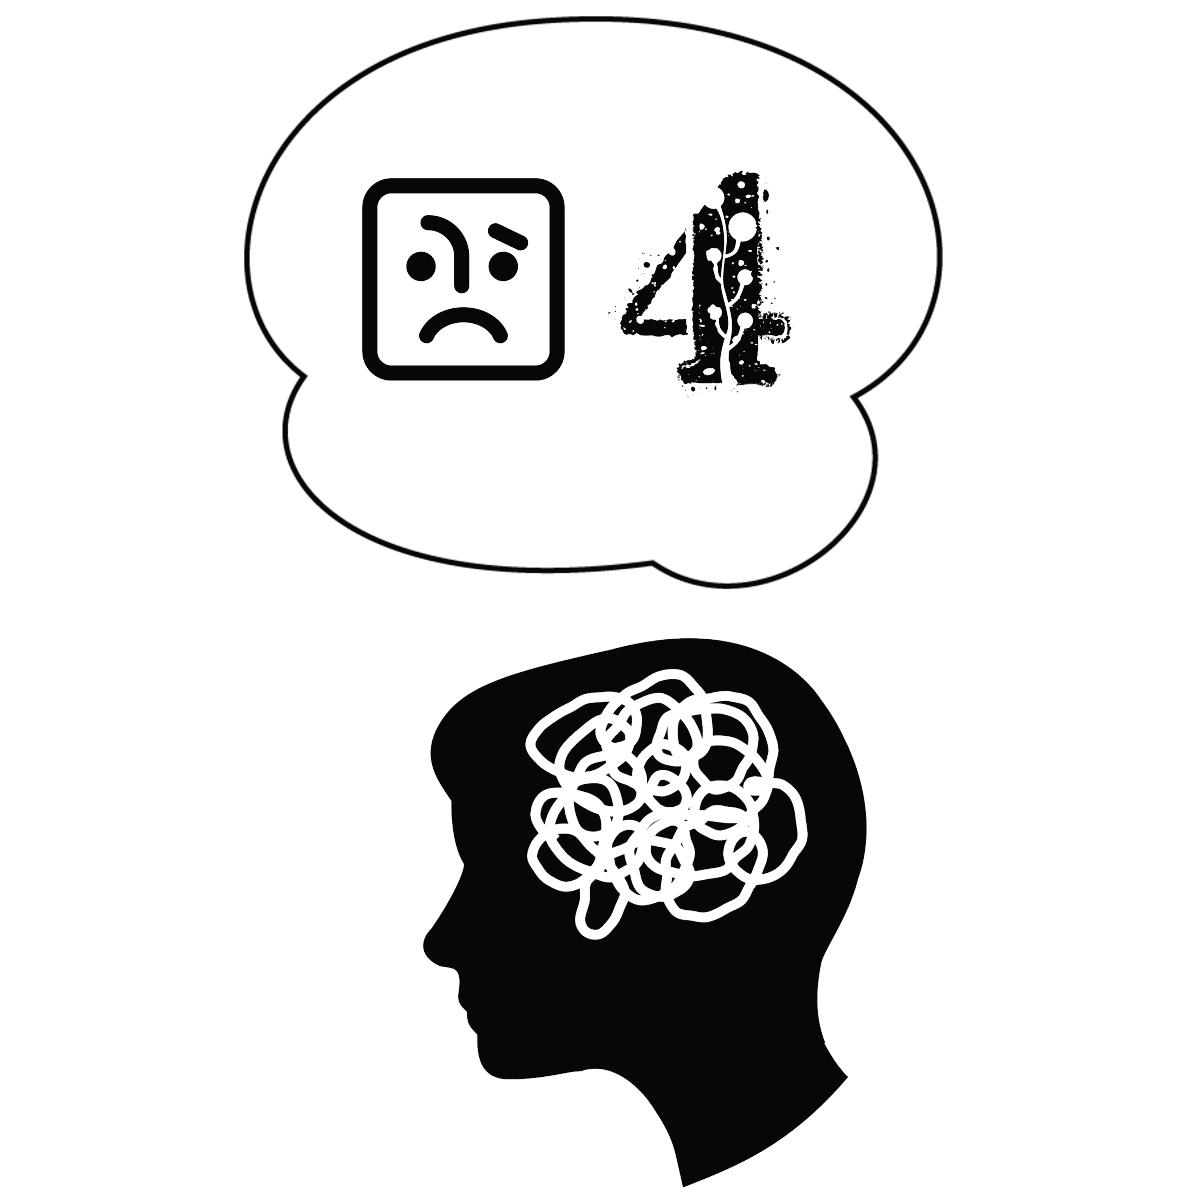 アダルトチルドレンの「4つ」の心理的な特徴を表しているイラスト